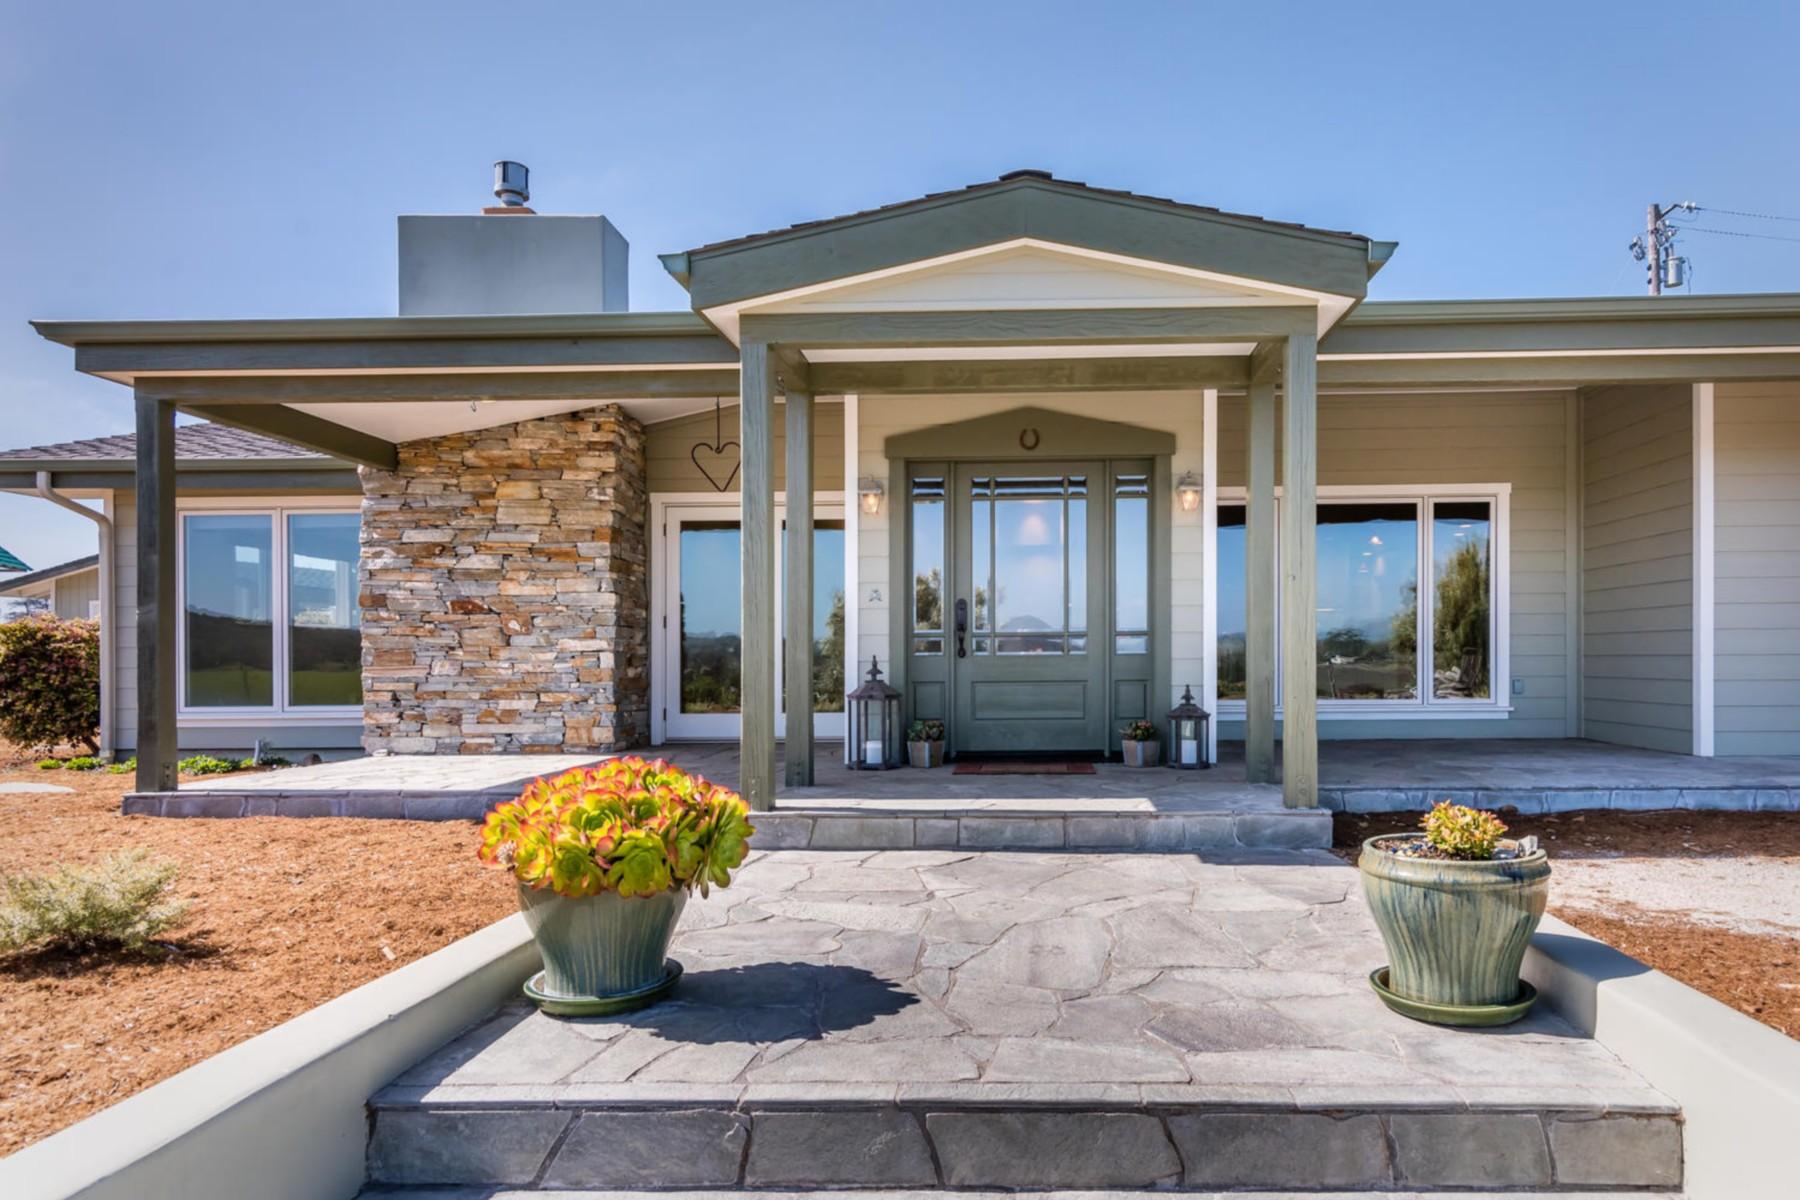 Частный односемейный дом для того Продажа на 6060 Los Ranchos Road 6060 Los Ranchos Rd San Luis Obispo, Калифорния, 93401 Соединенные Штаты